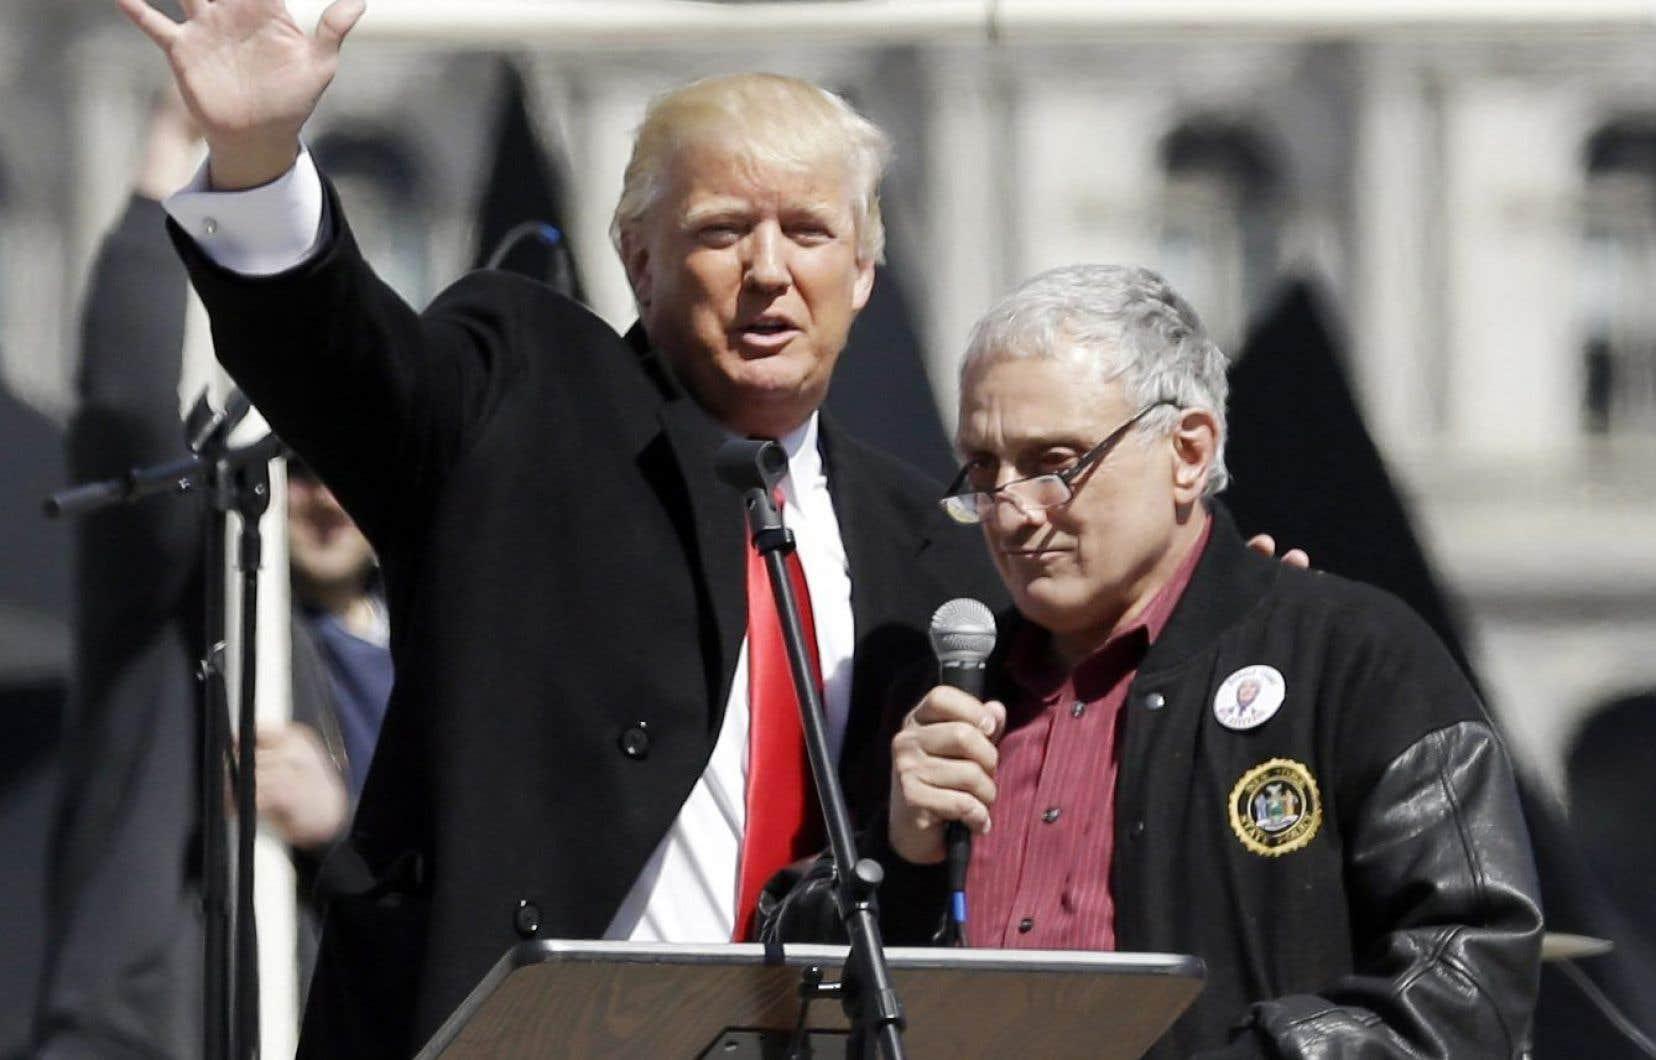 Carl Paladino, le coprésident de la campagne de Donald Trump dans l'État de New York, aux côtés de celui qui est devenu depuis le président désigné des États-Unis